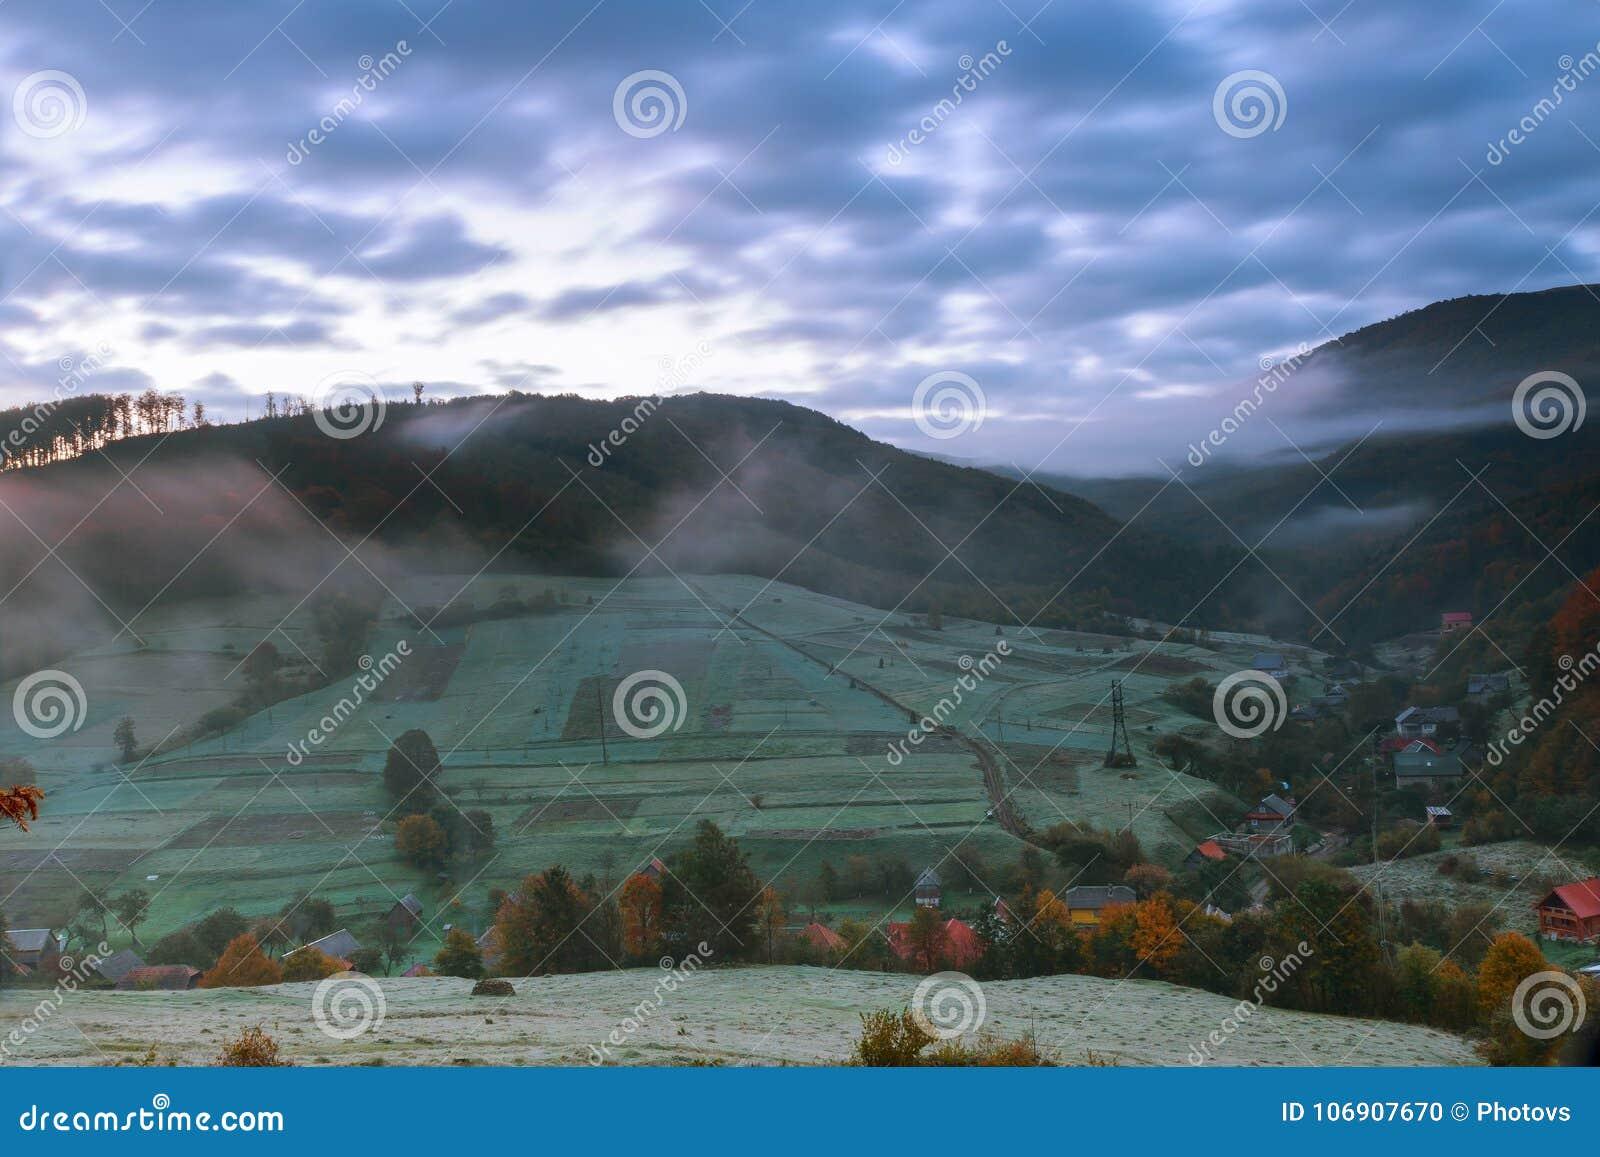 Jesień krajobraz Wioska na Zboczu las w mgle na górach przy nocy księżyc w pełni światłem